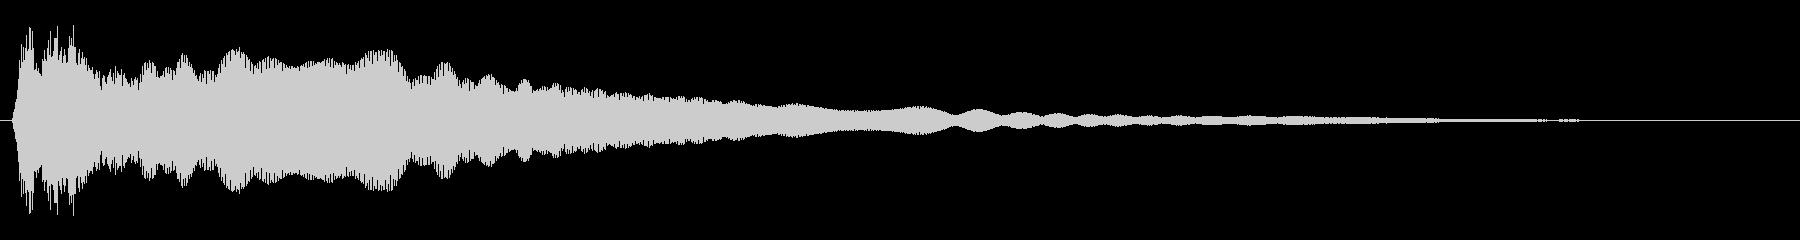 シャキ〜ン(剣や刀)の未再生の波形